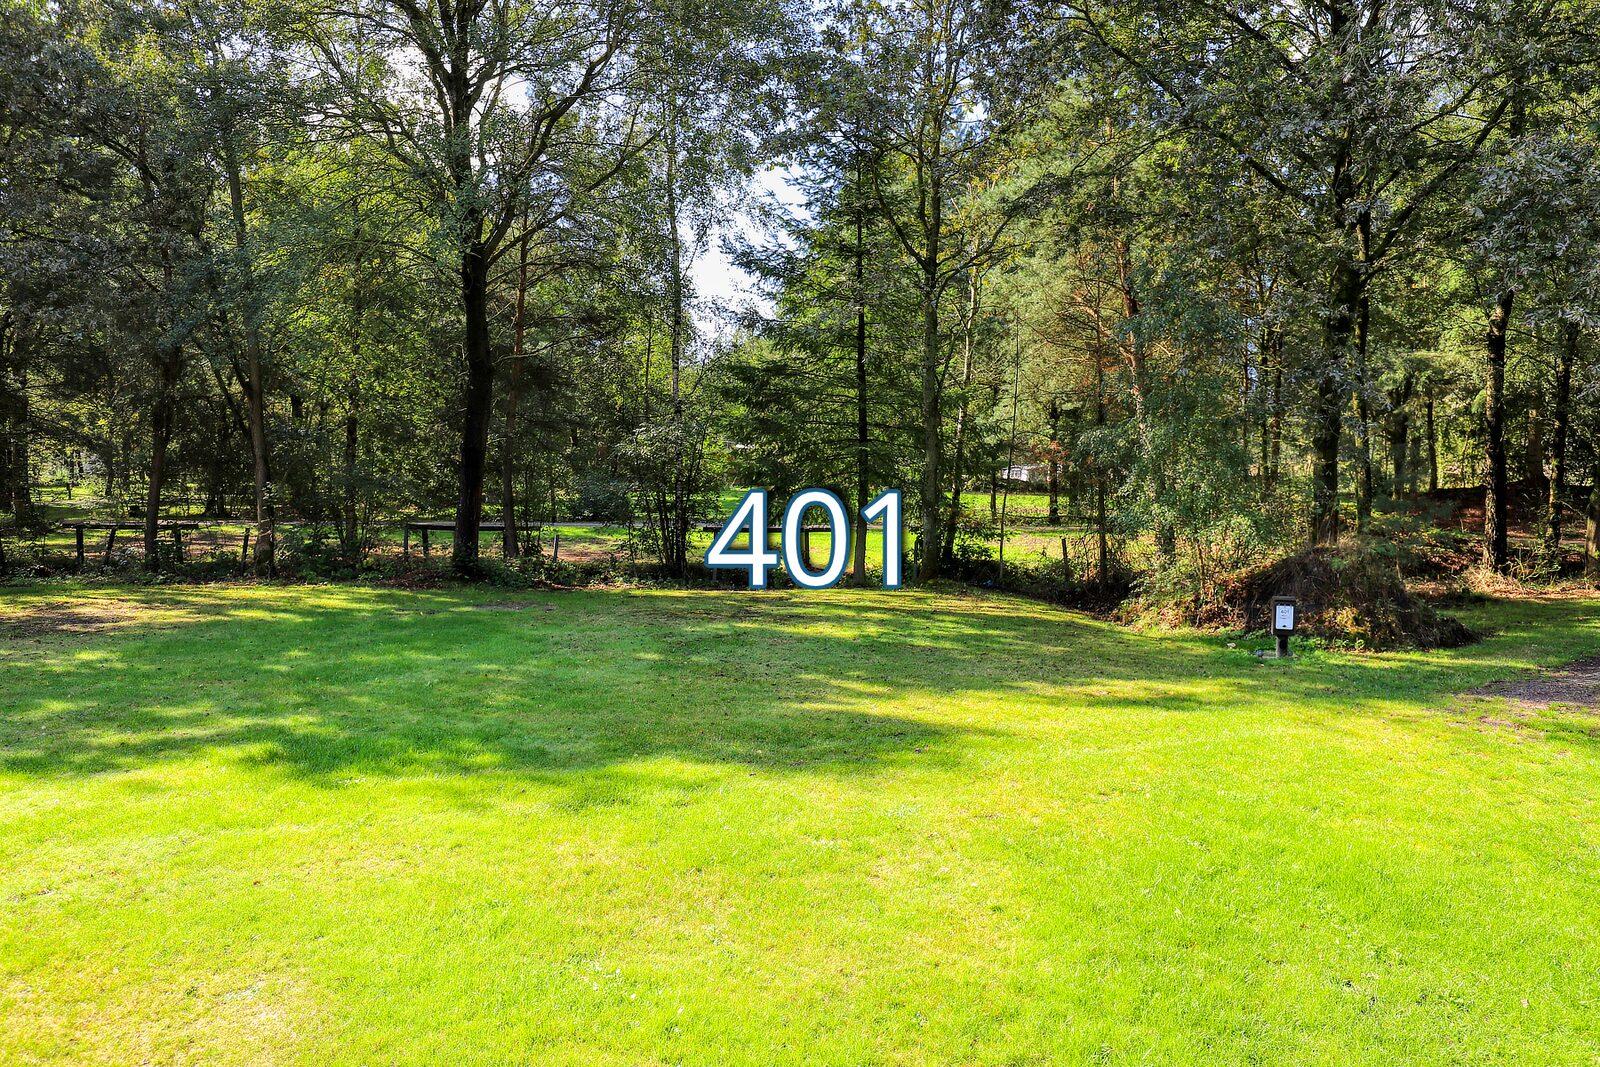 meemsveld 401